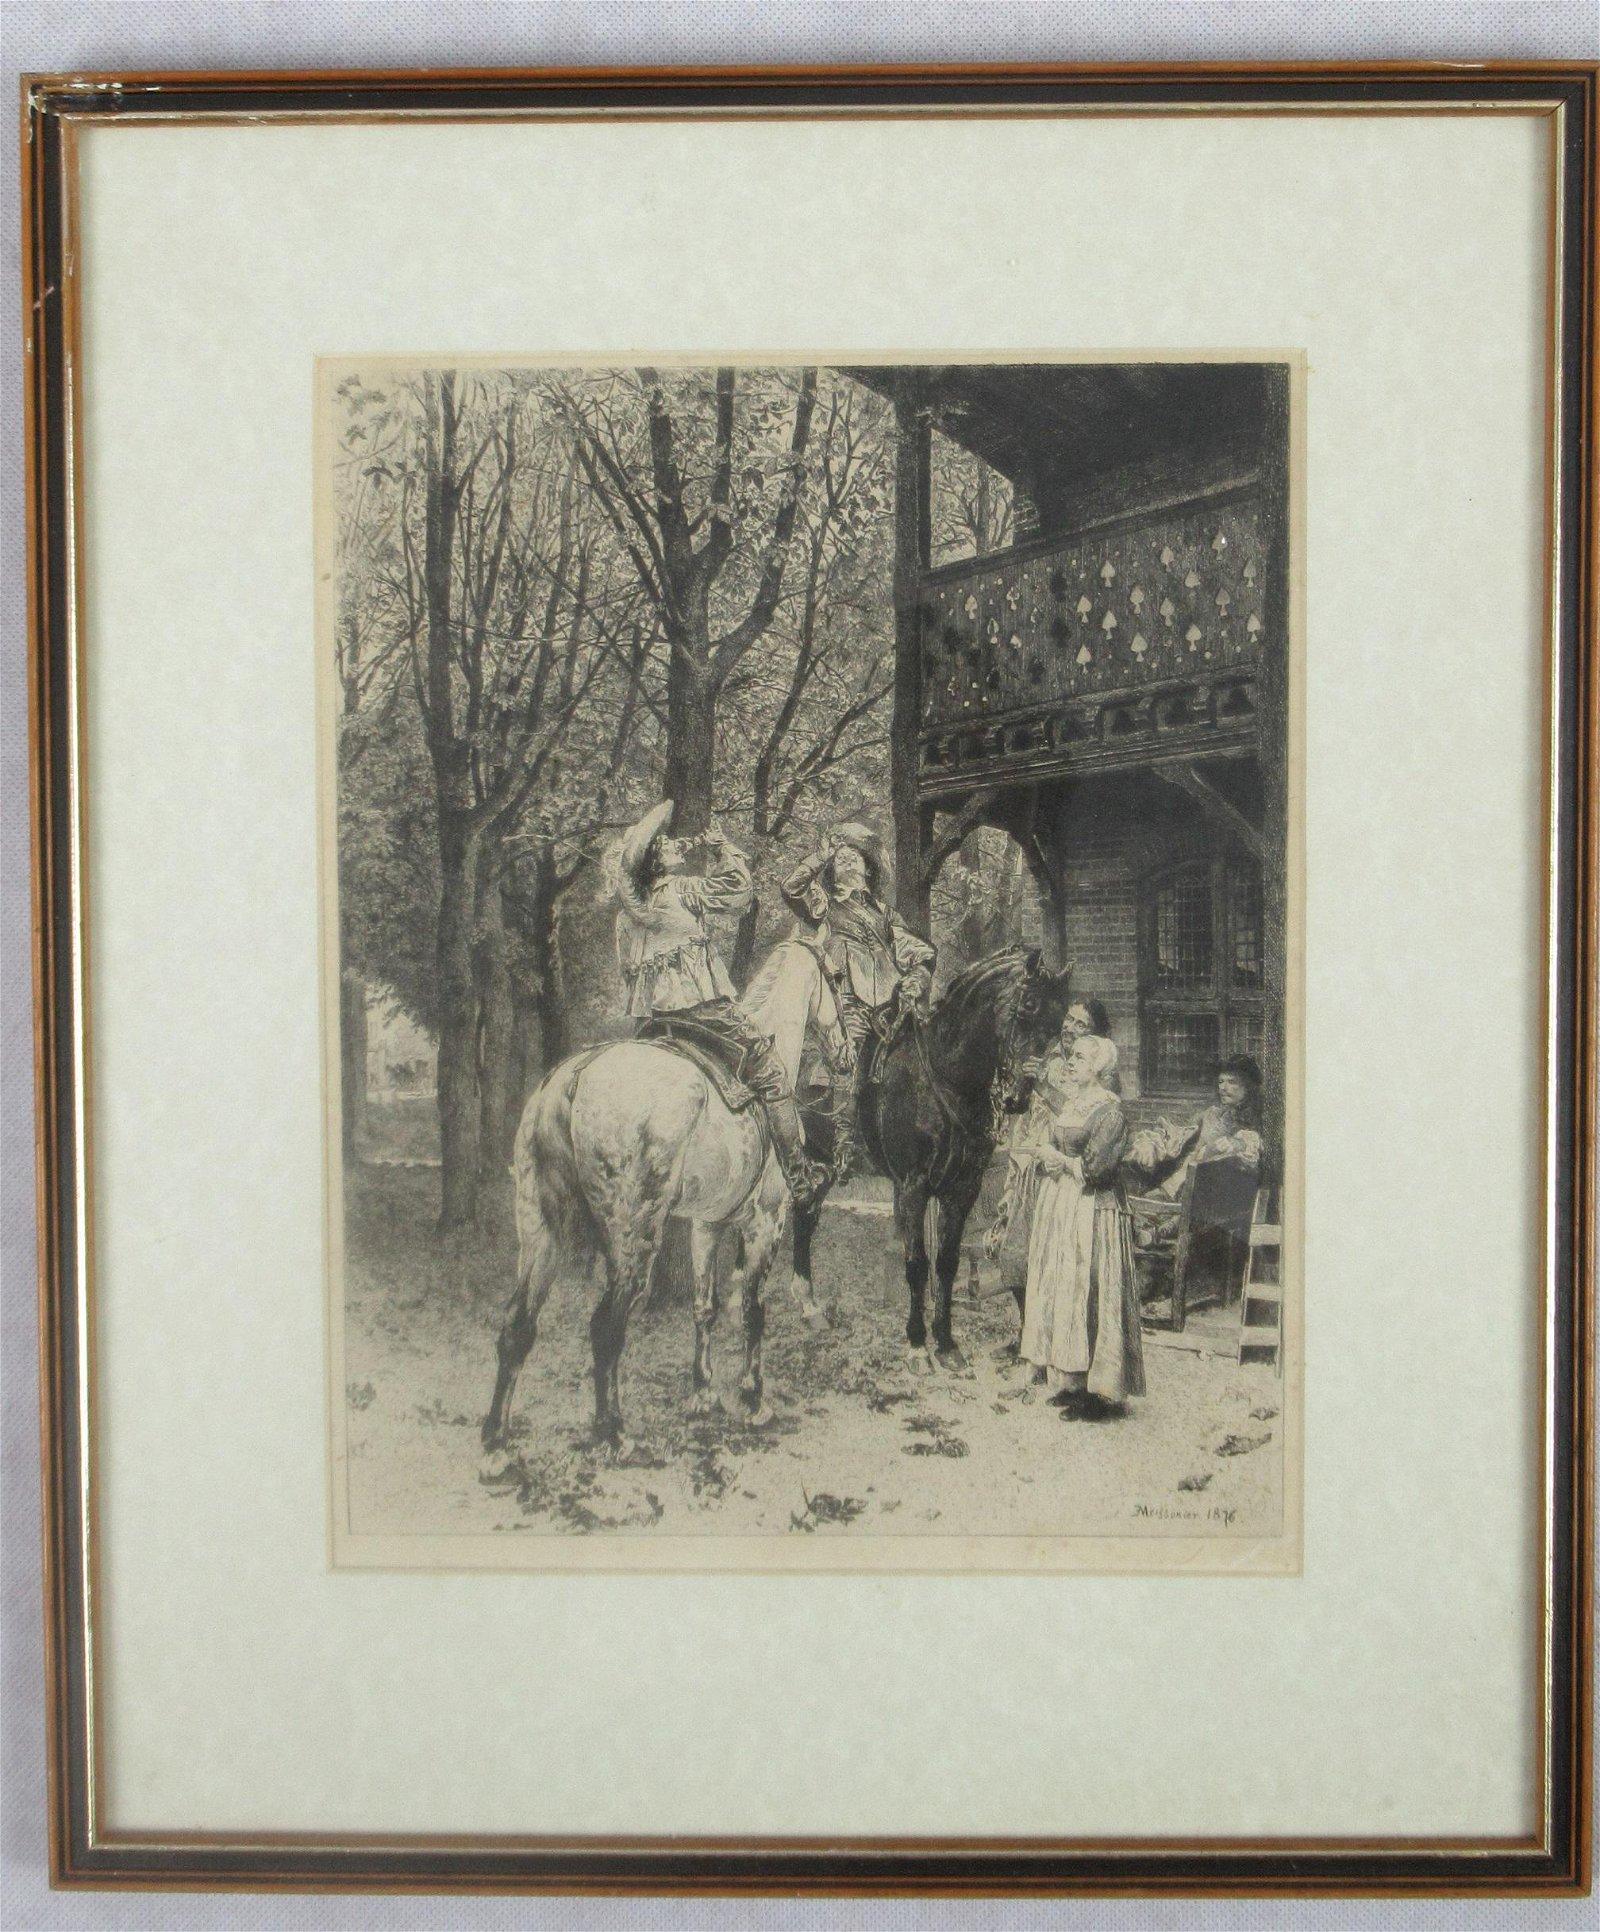 Messonier Print